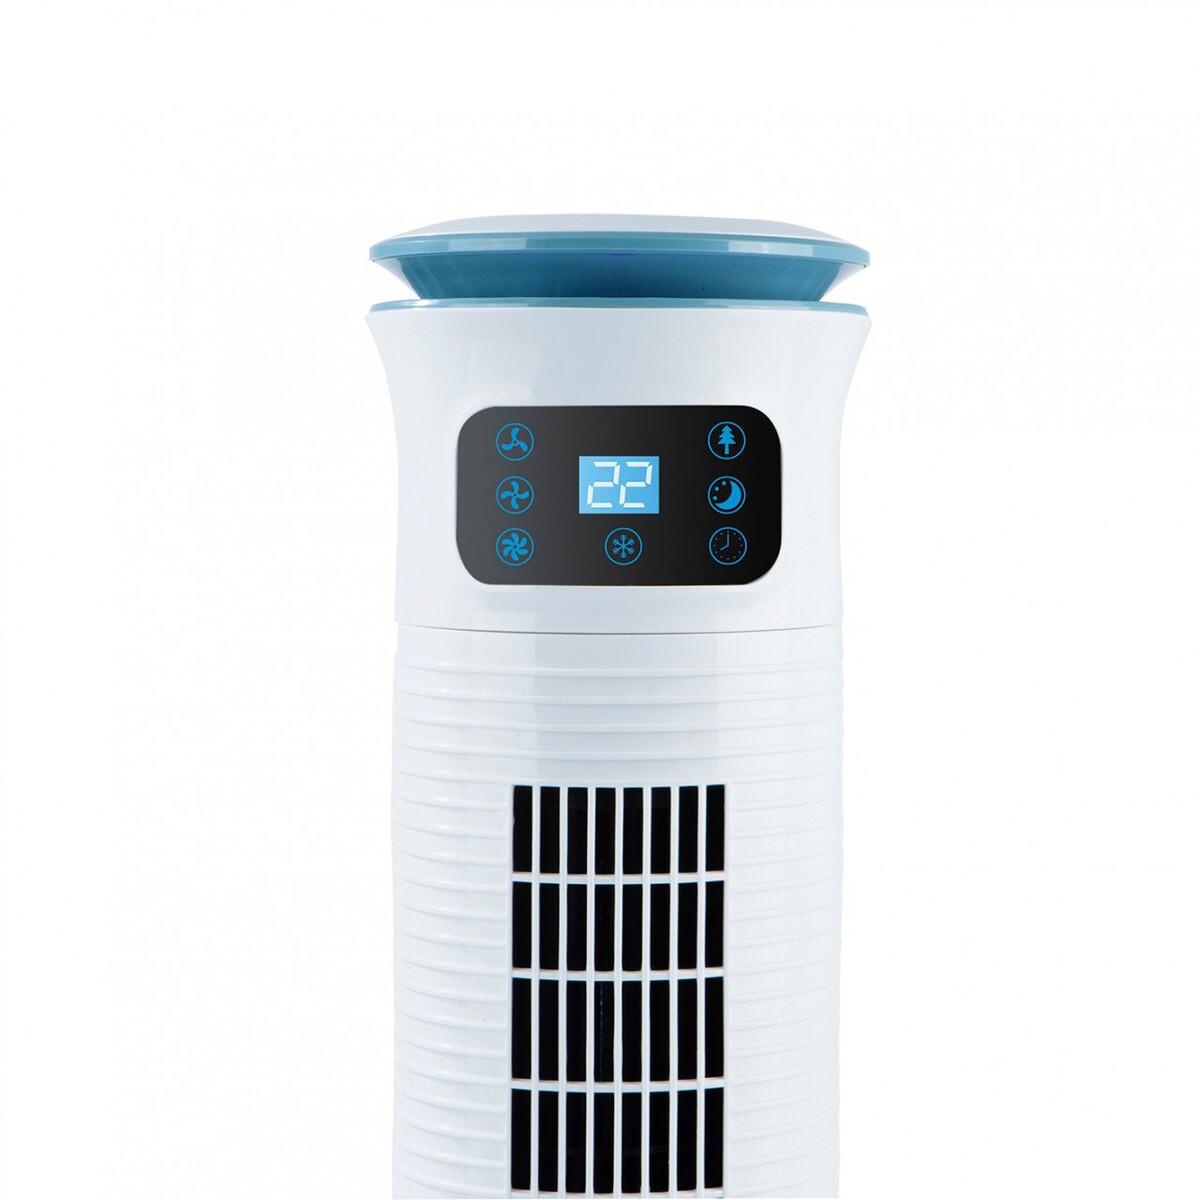 Bild 2 von MAXXMEE Luftkühler mit Wassertank 5 l, 60 W, weiß/blau